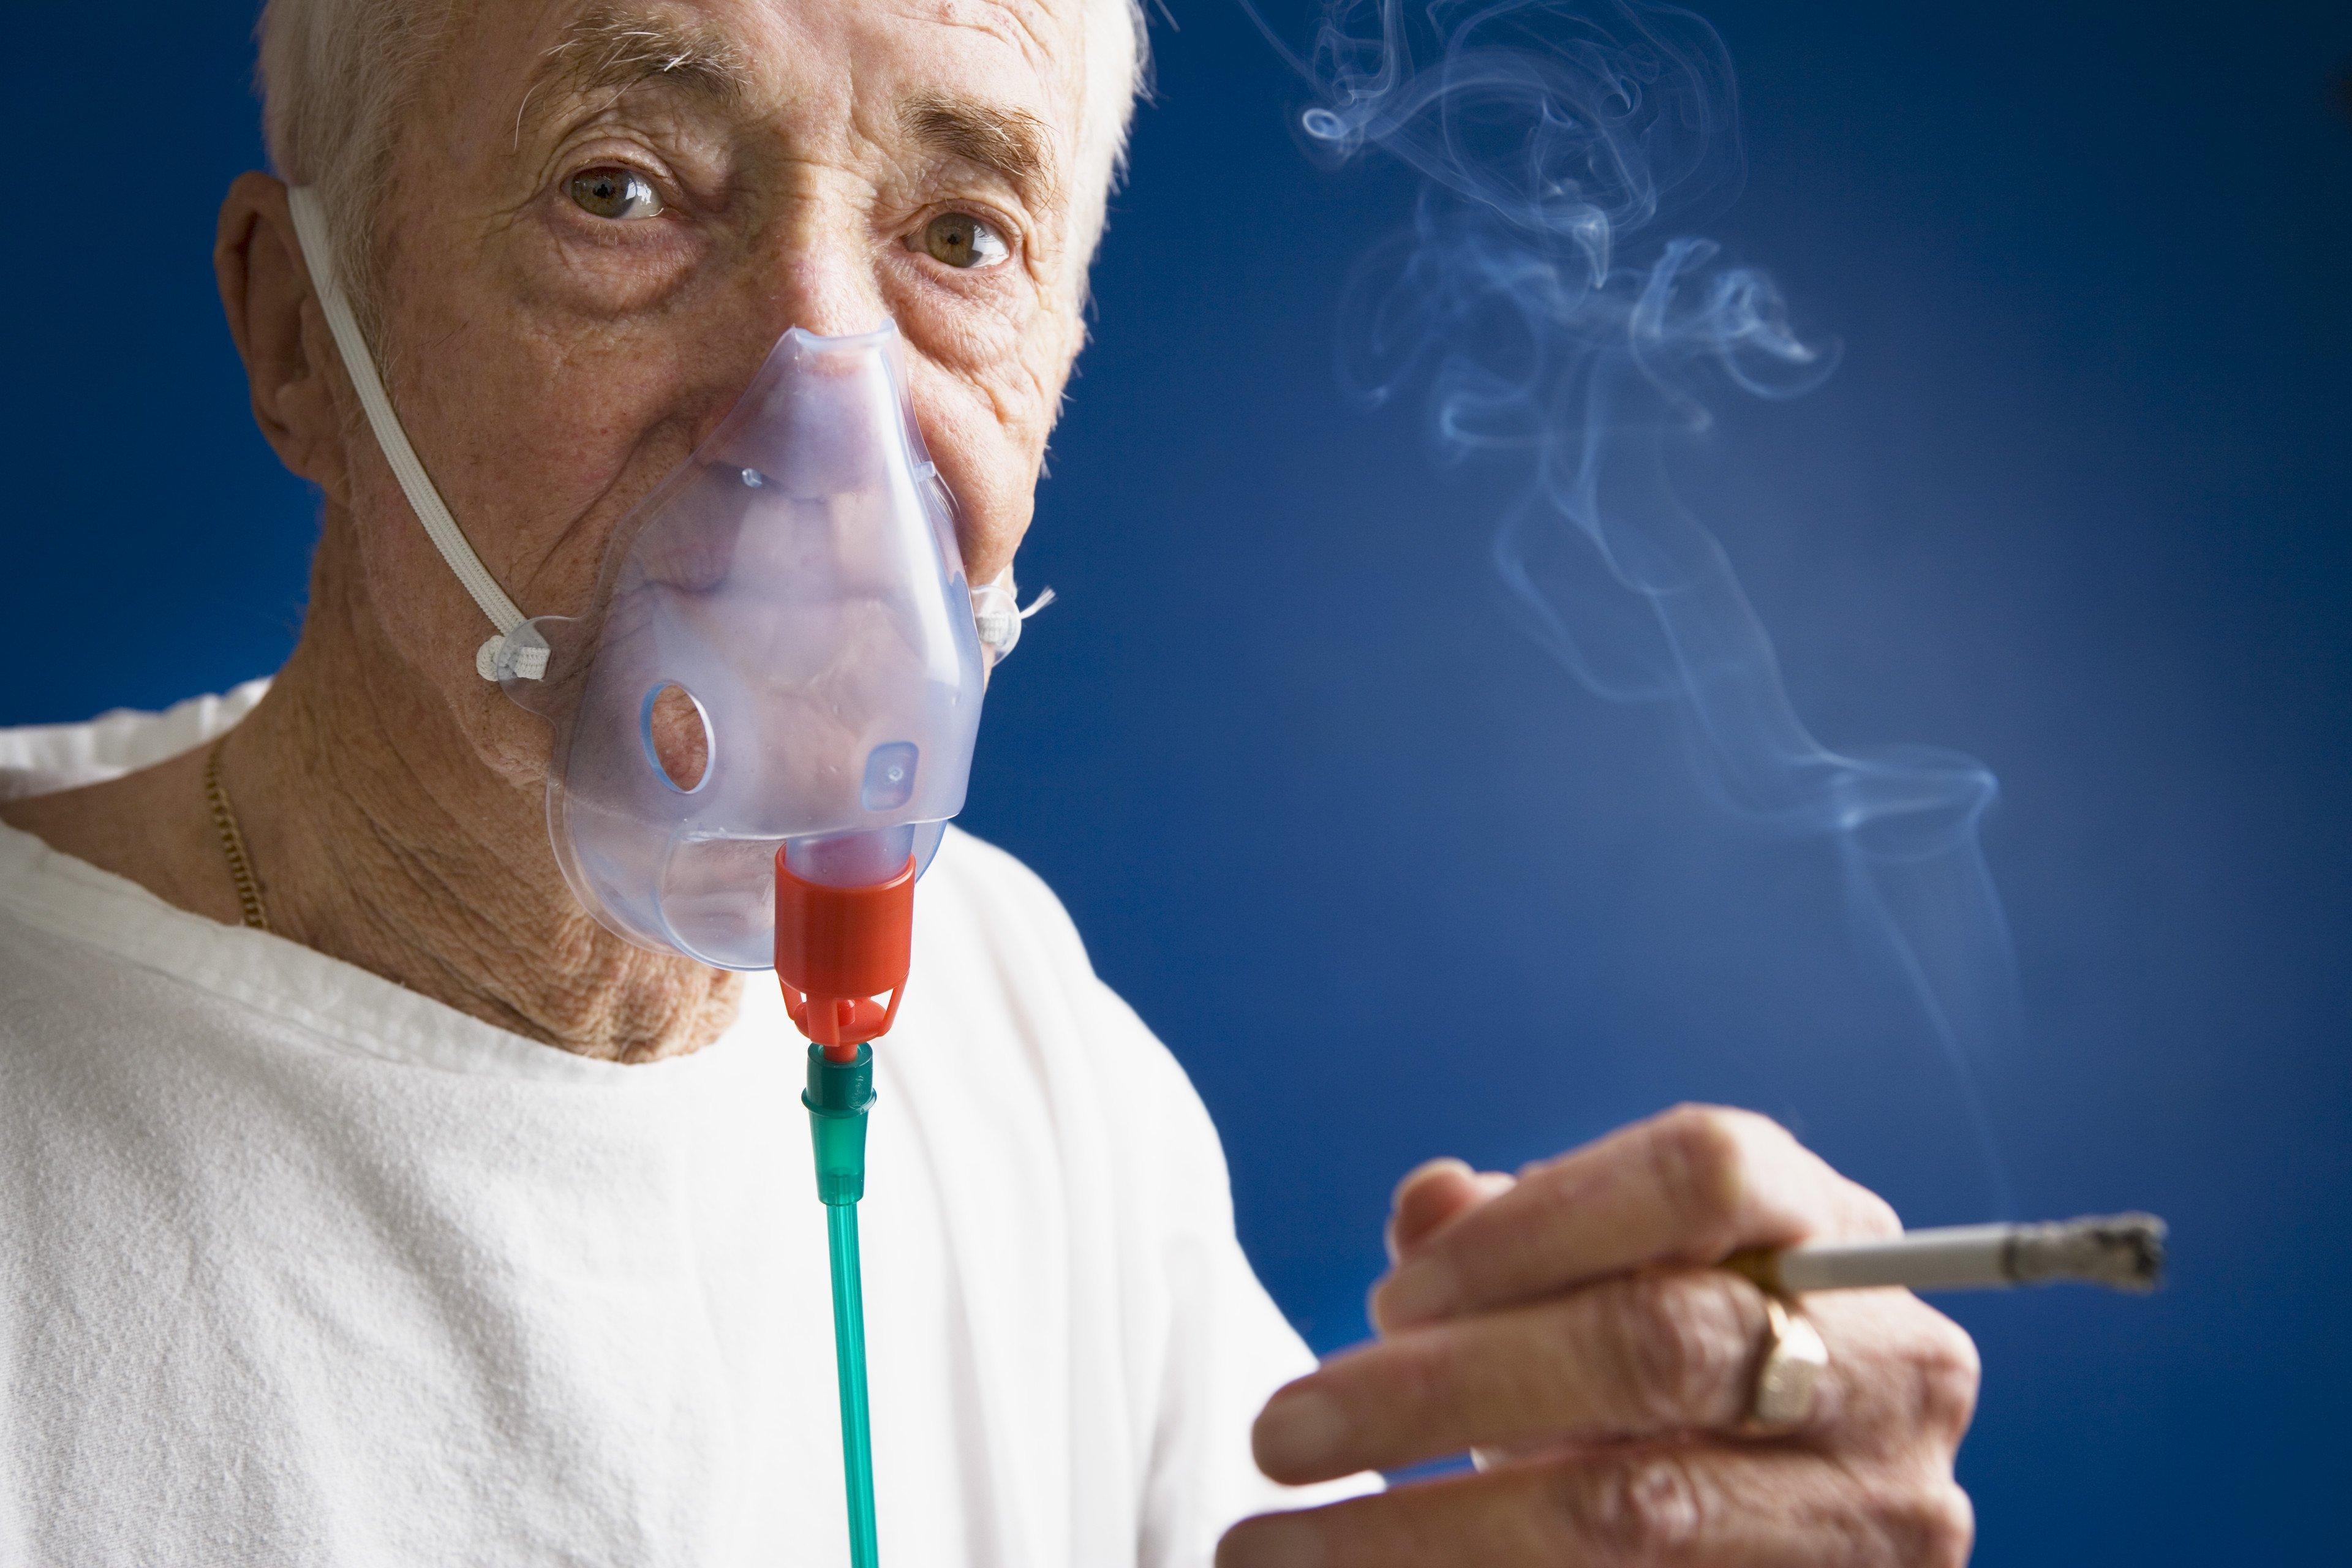 Все что вам нужно знать о хронической обструктивной болезни легких ХОБЛ